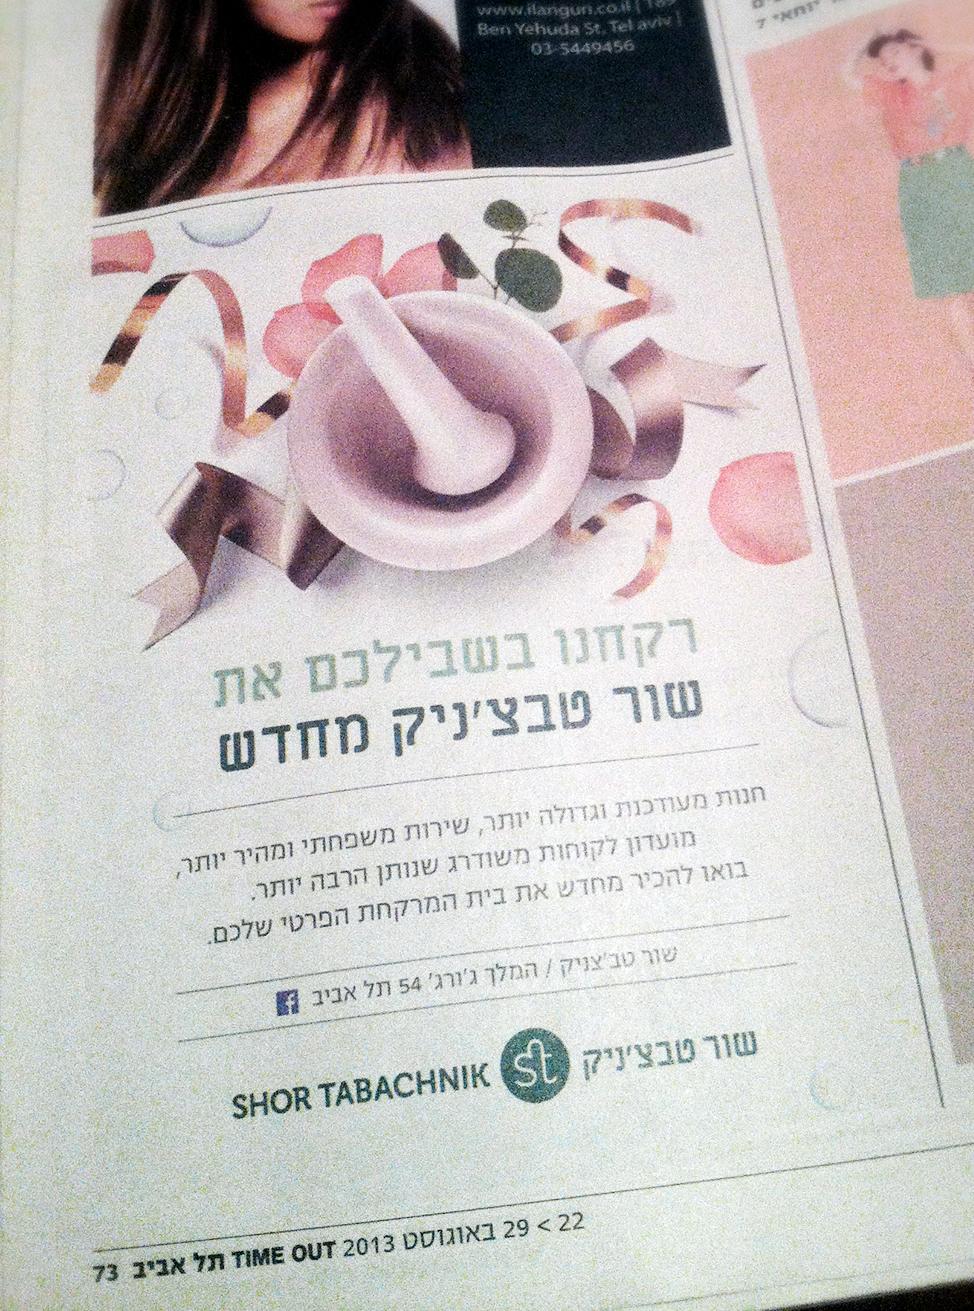 פרסומת מיתוג מחדש שור טבצ׳ניק